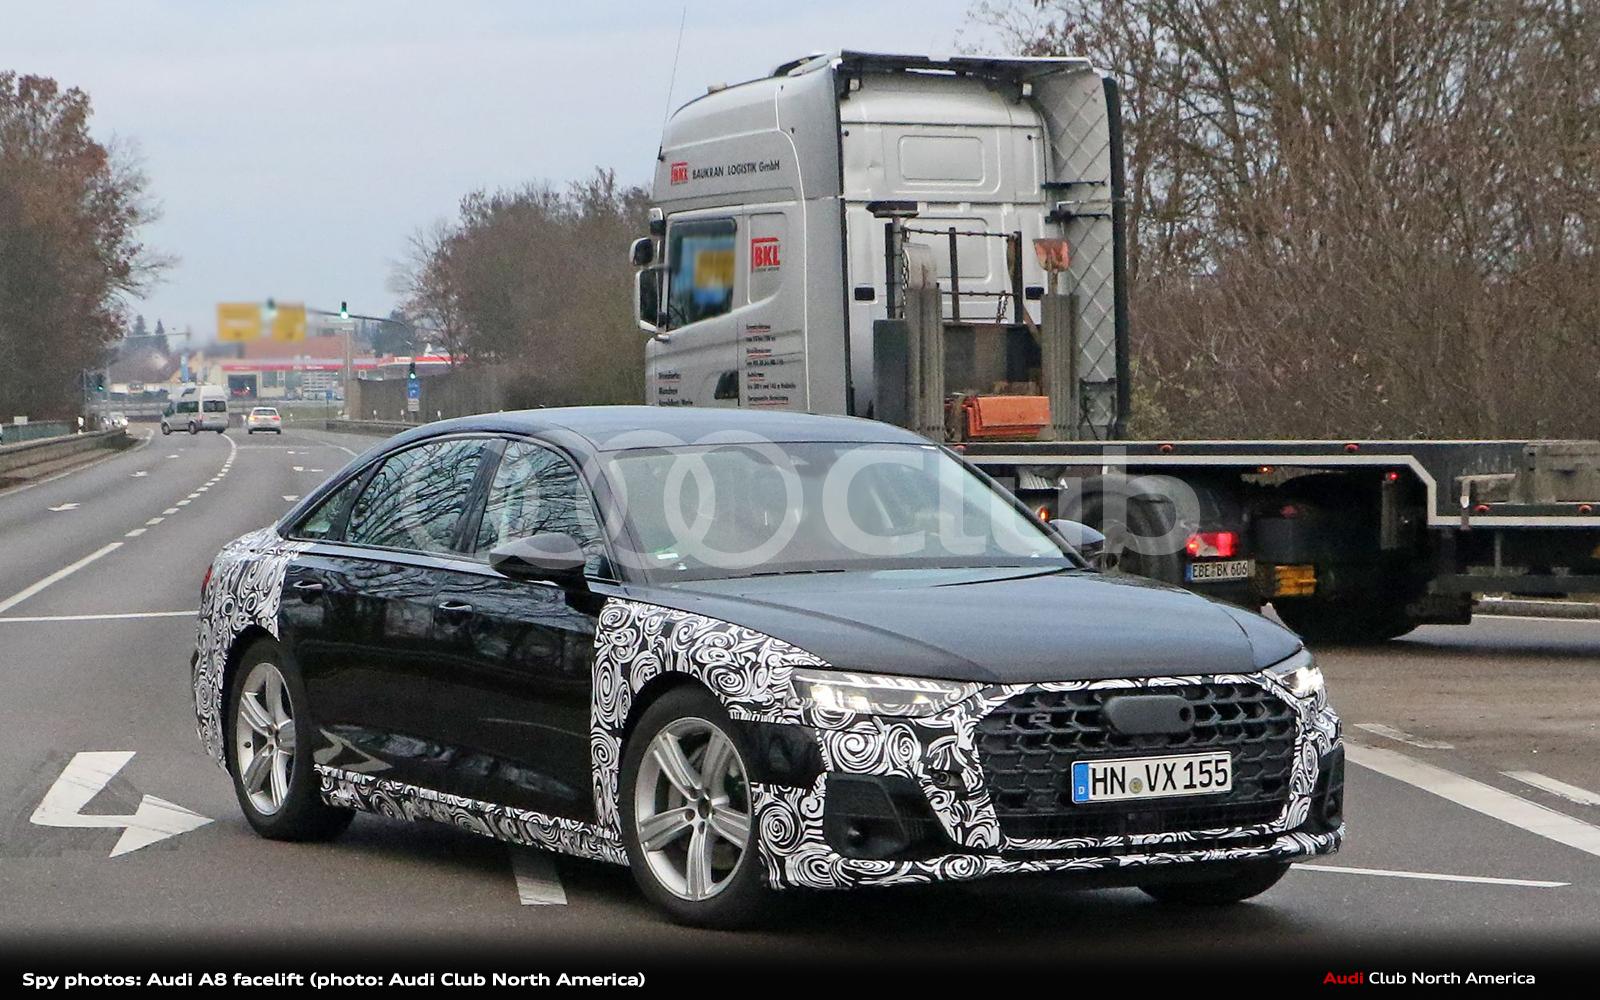 Spy Photo: 2022 Audi A8 Facelift